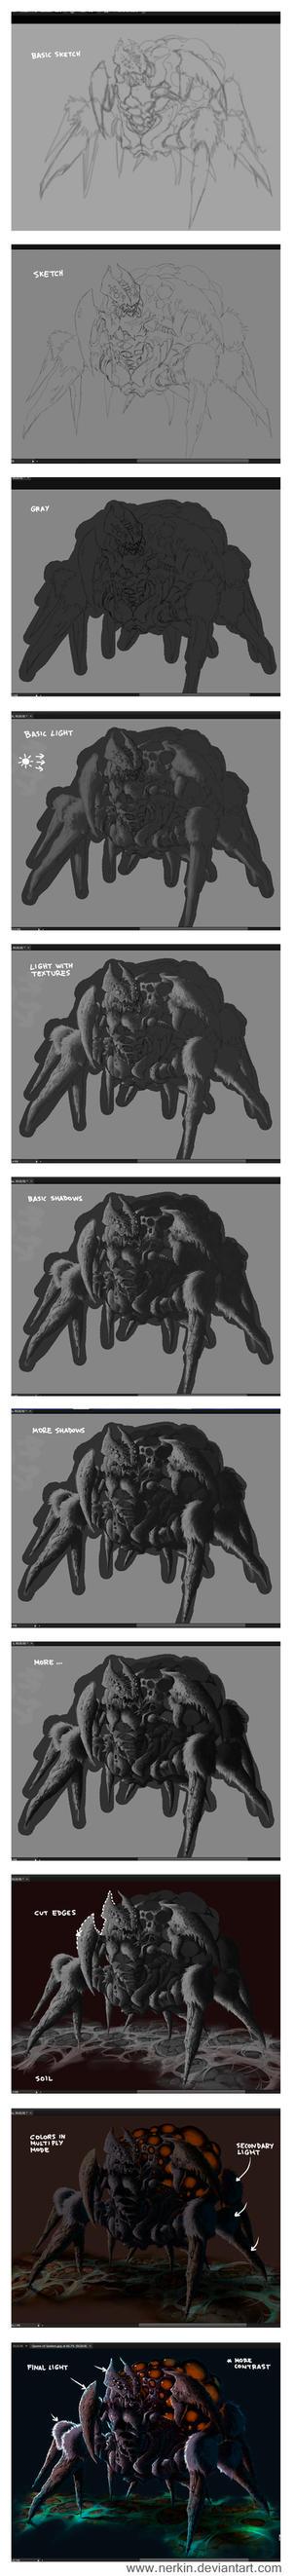 Queen of Spiders Progress by Nerkin